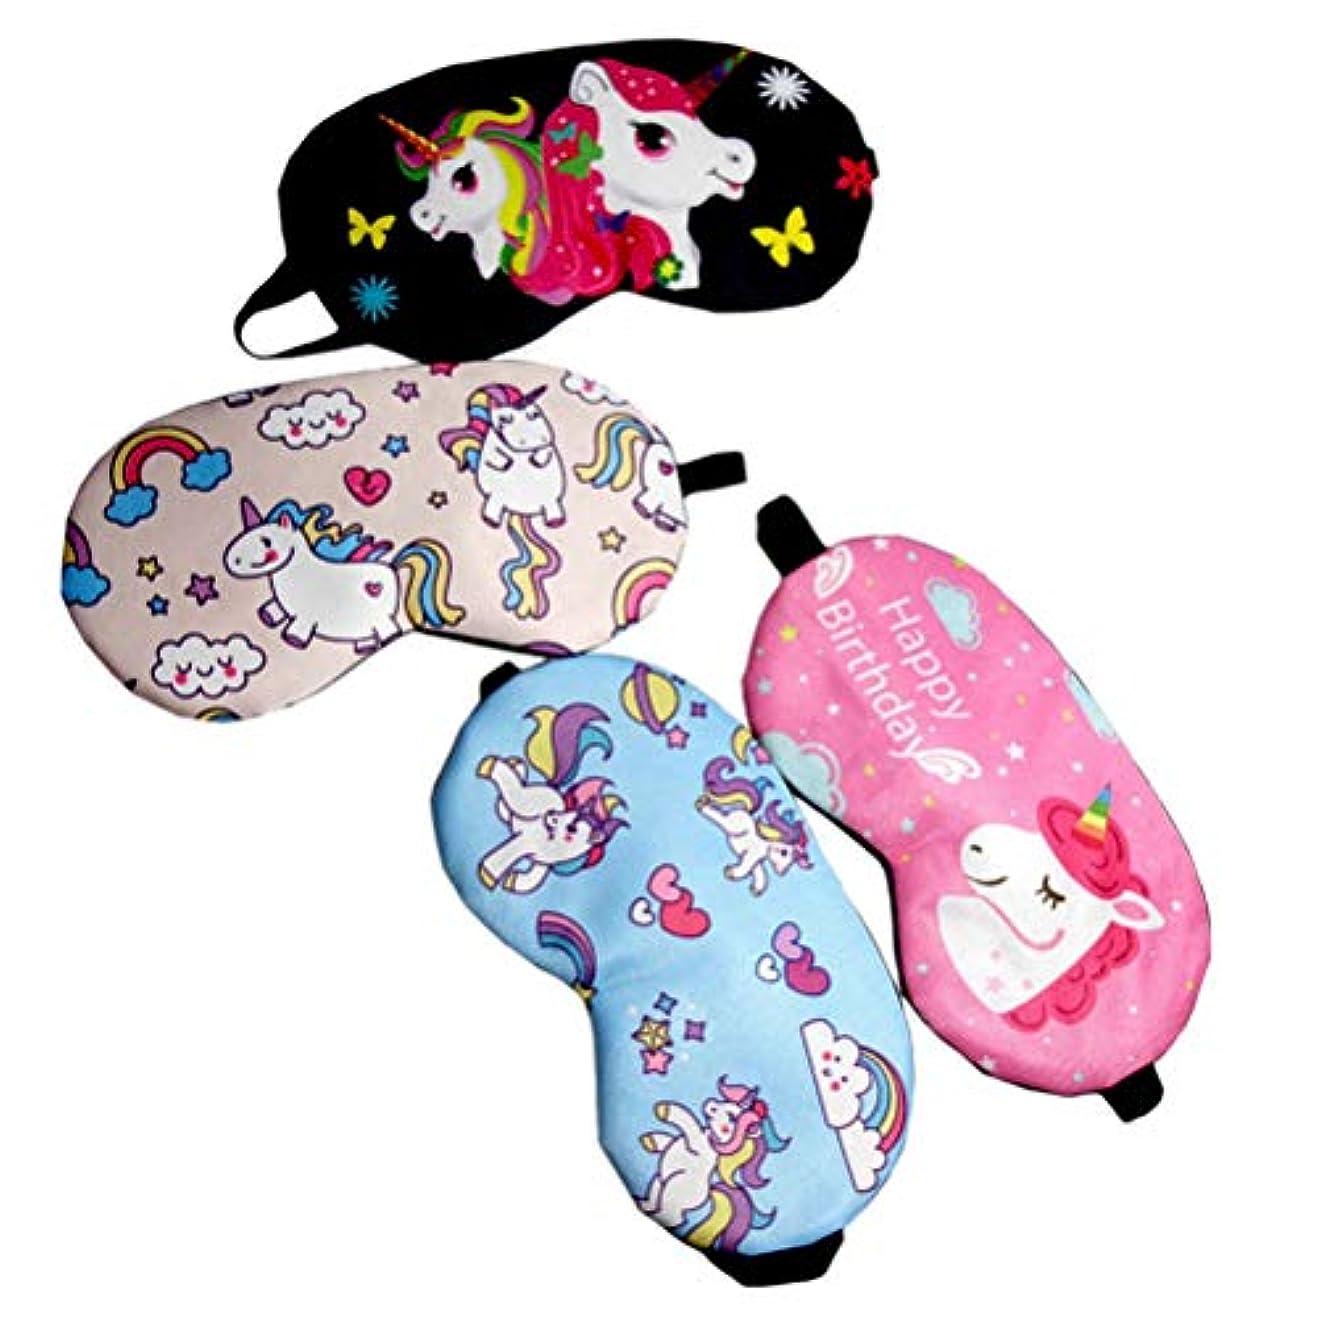 剪断単独で船子供のためのBeaupretty 4PCSユニコーン睡眠マスクカバー軽量目隠しソフトアイマスク(ブラック+ローズレッド+ライトピンク+ライトブルー)